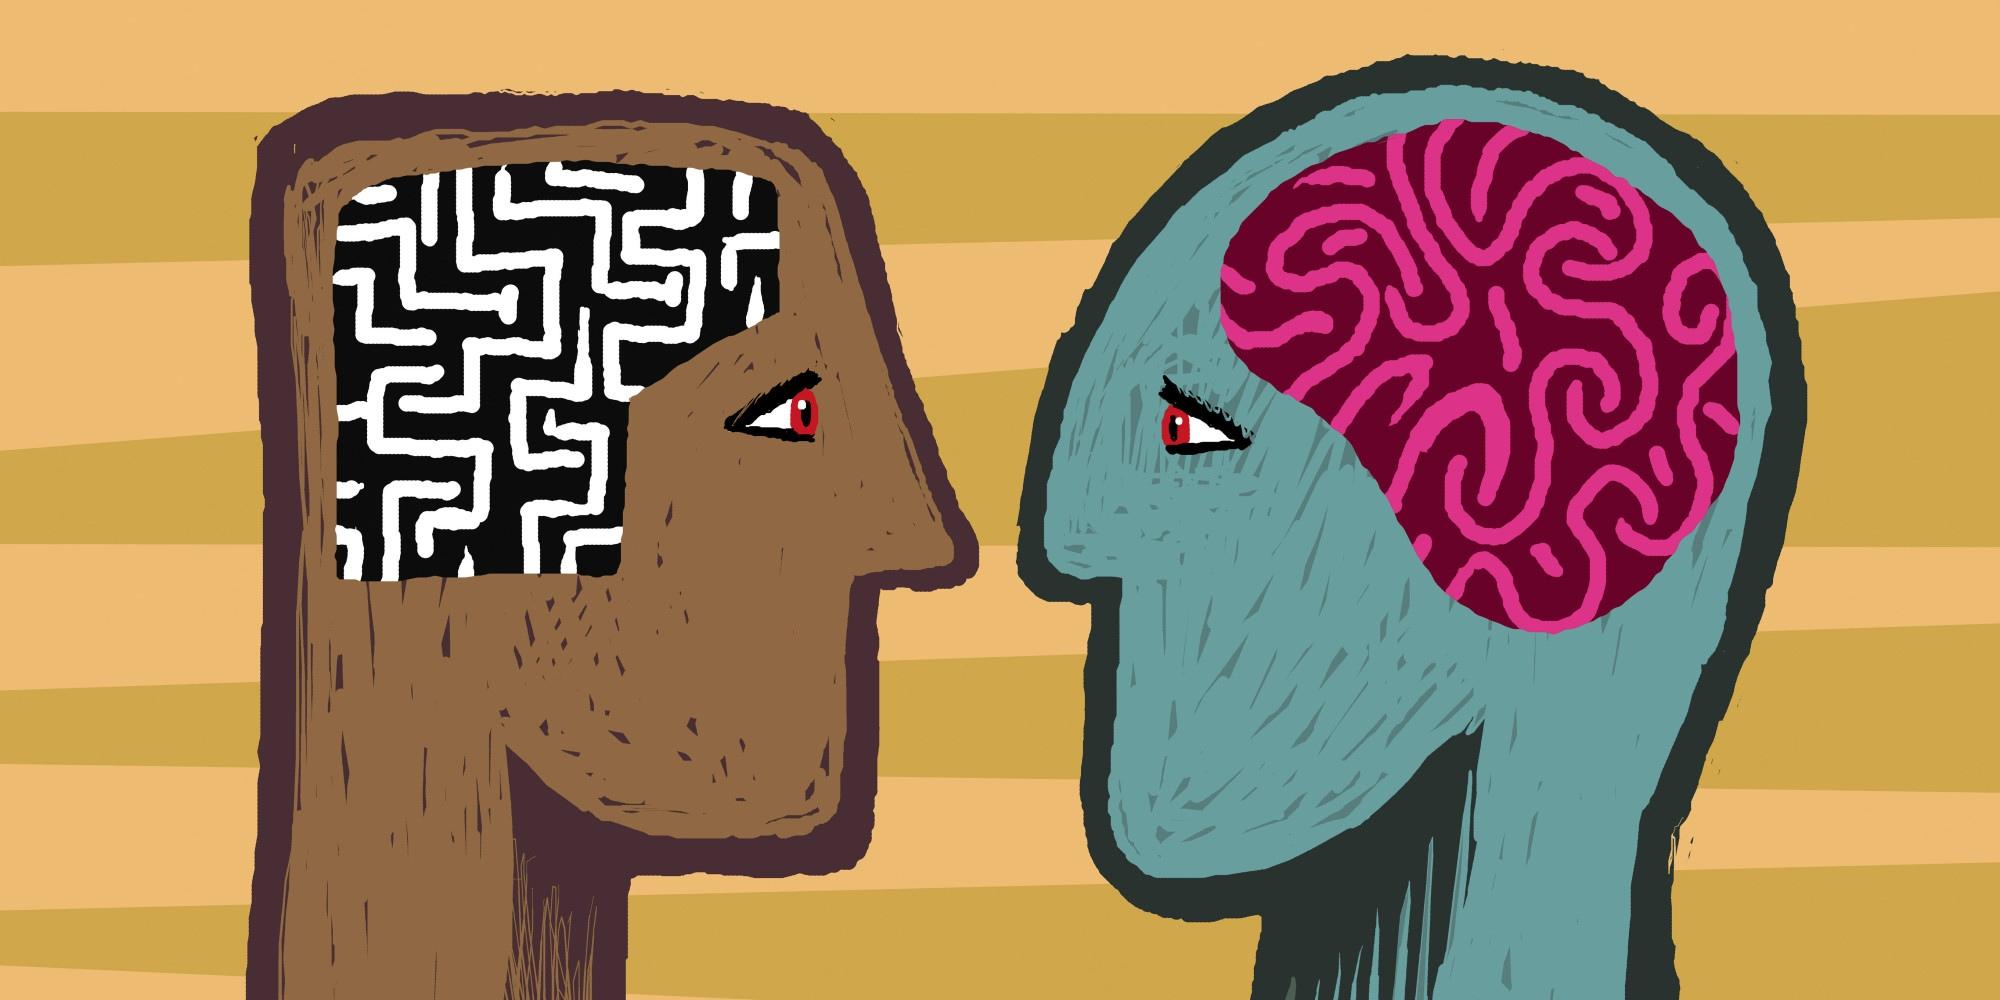 «Женский» мозг: почему мифы о женщинах в науке до сих пор популярны?, изображение №3